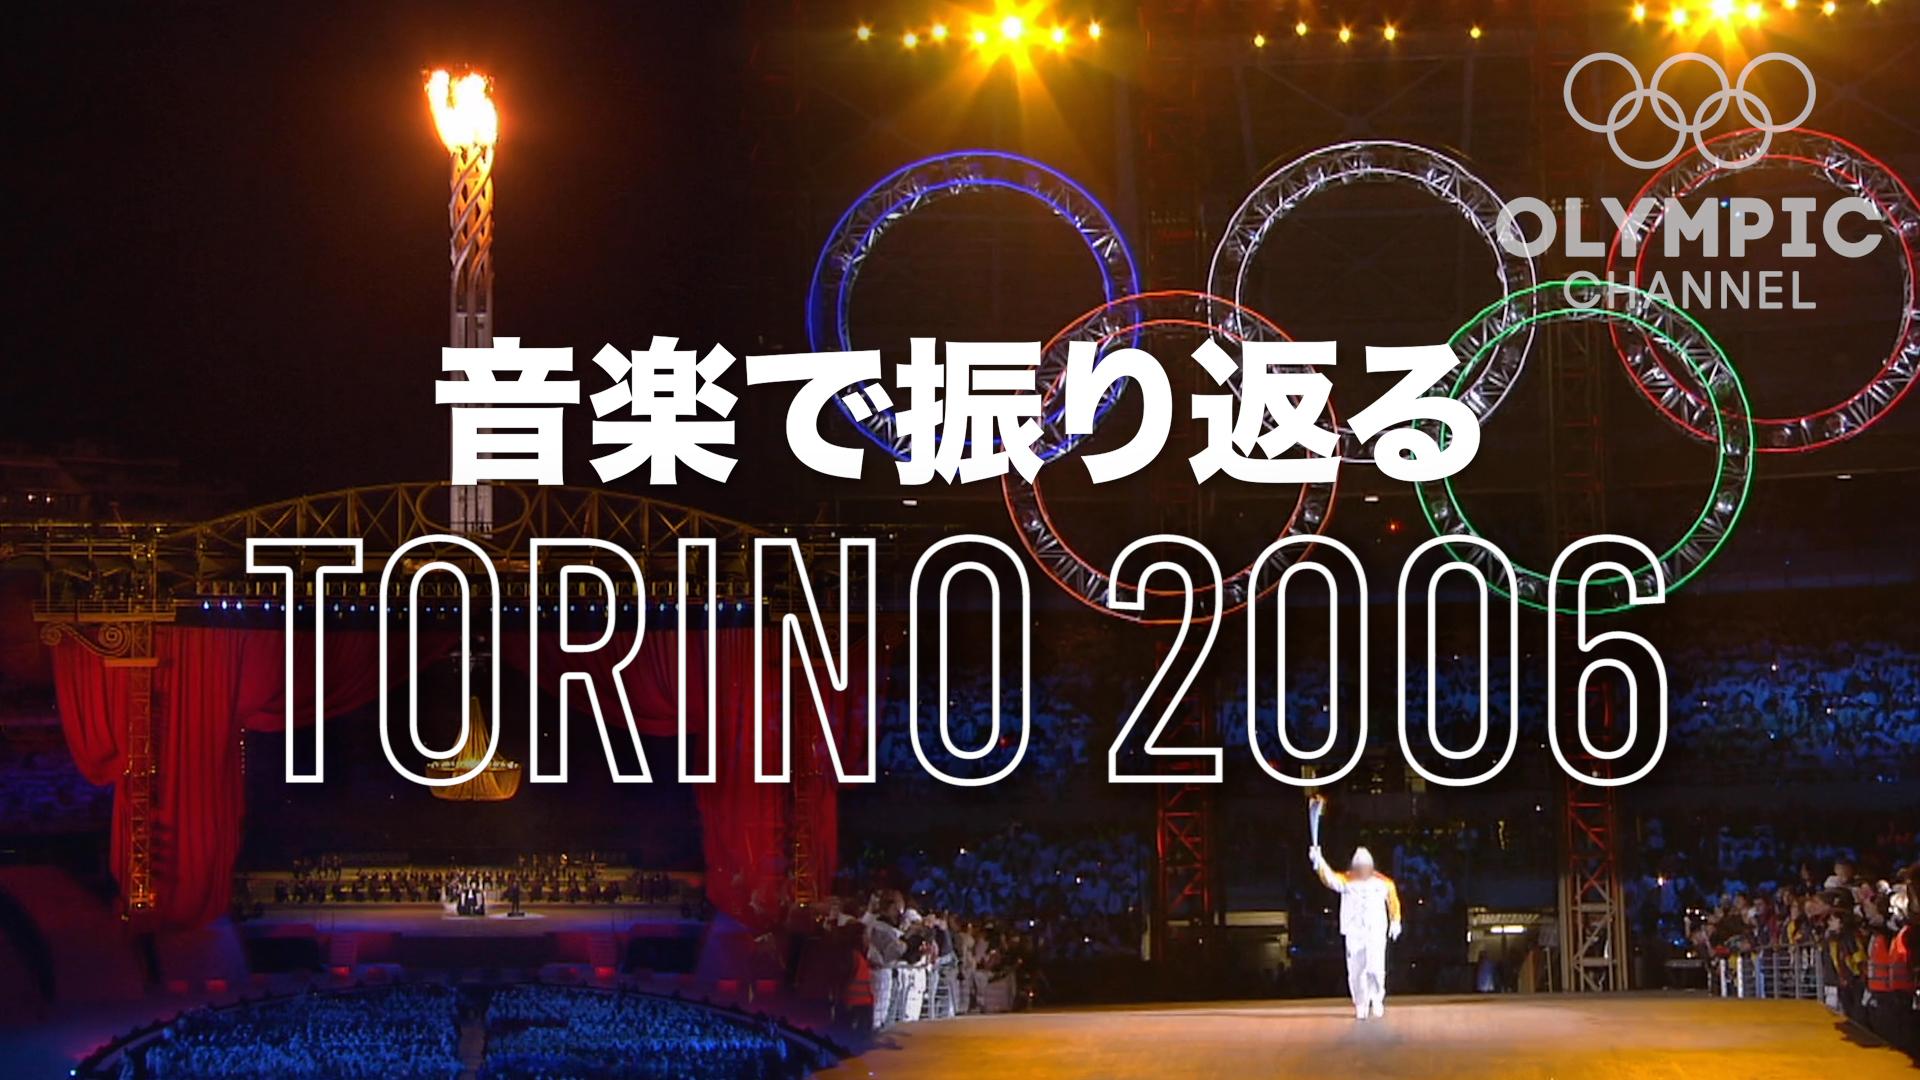 音楽で振り返るオリンピック トリノ2006